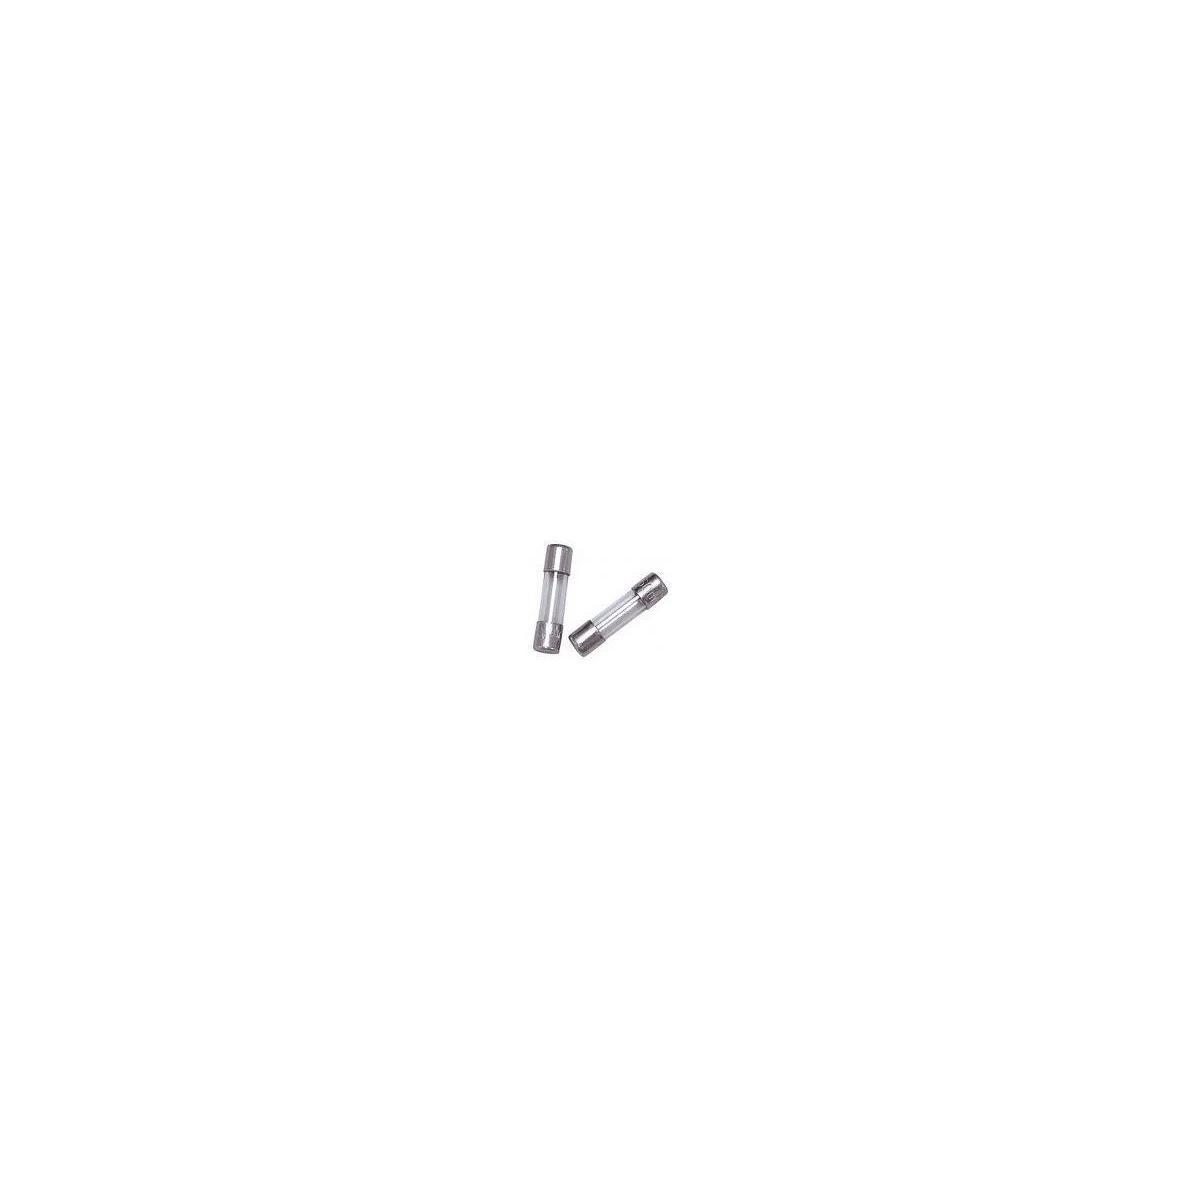 FUSIVEL - F RAPIDO 5X20MM (PACOTE COM 10 UNIDADES )-    0,10A